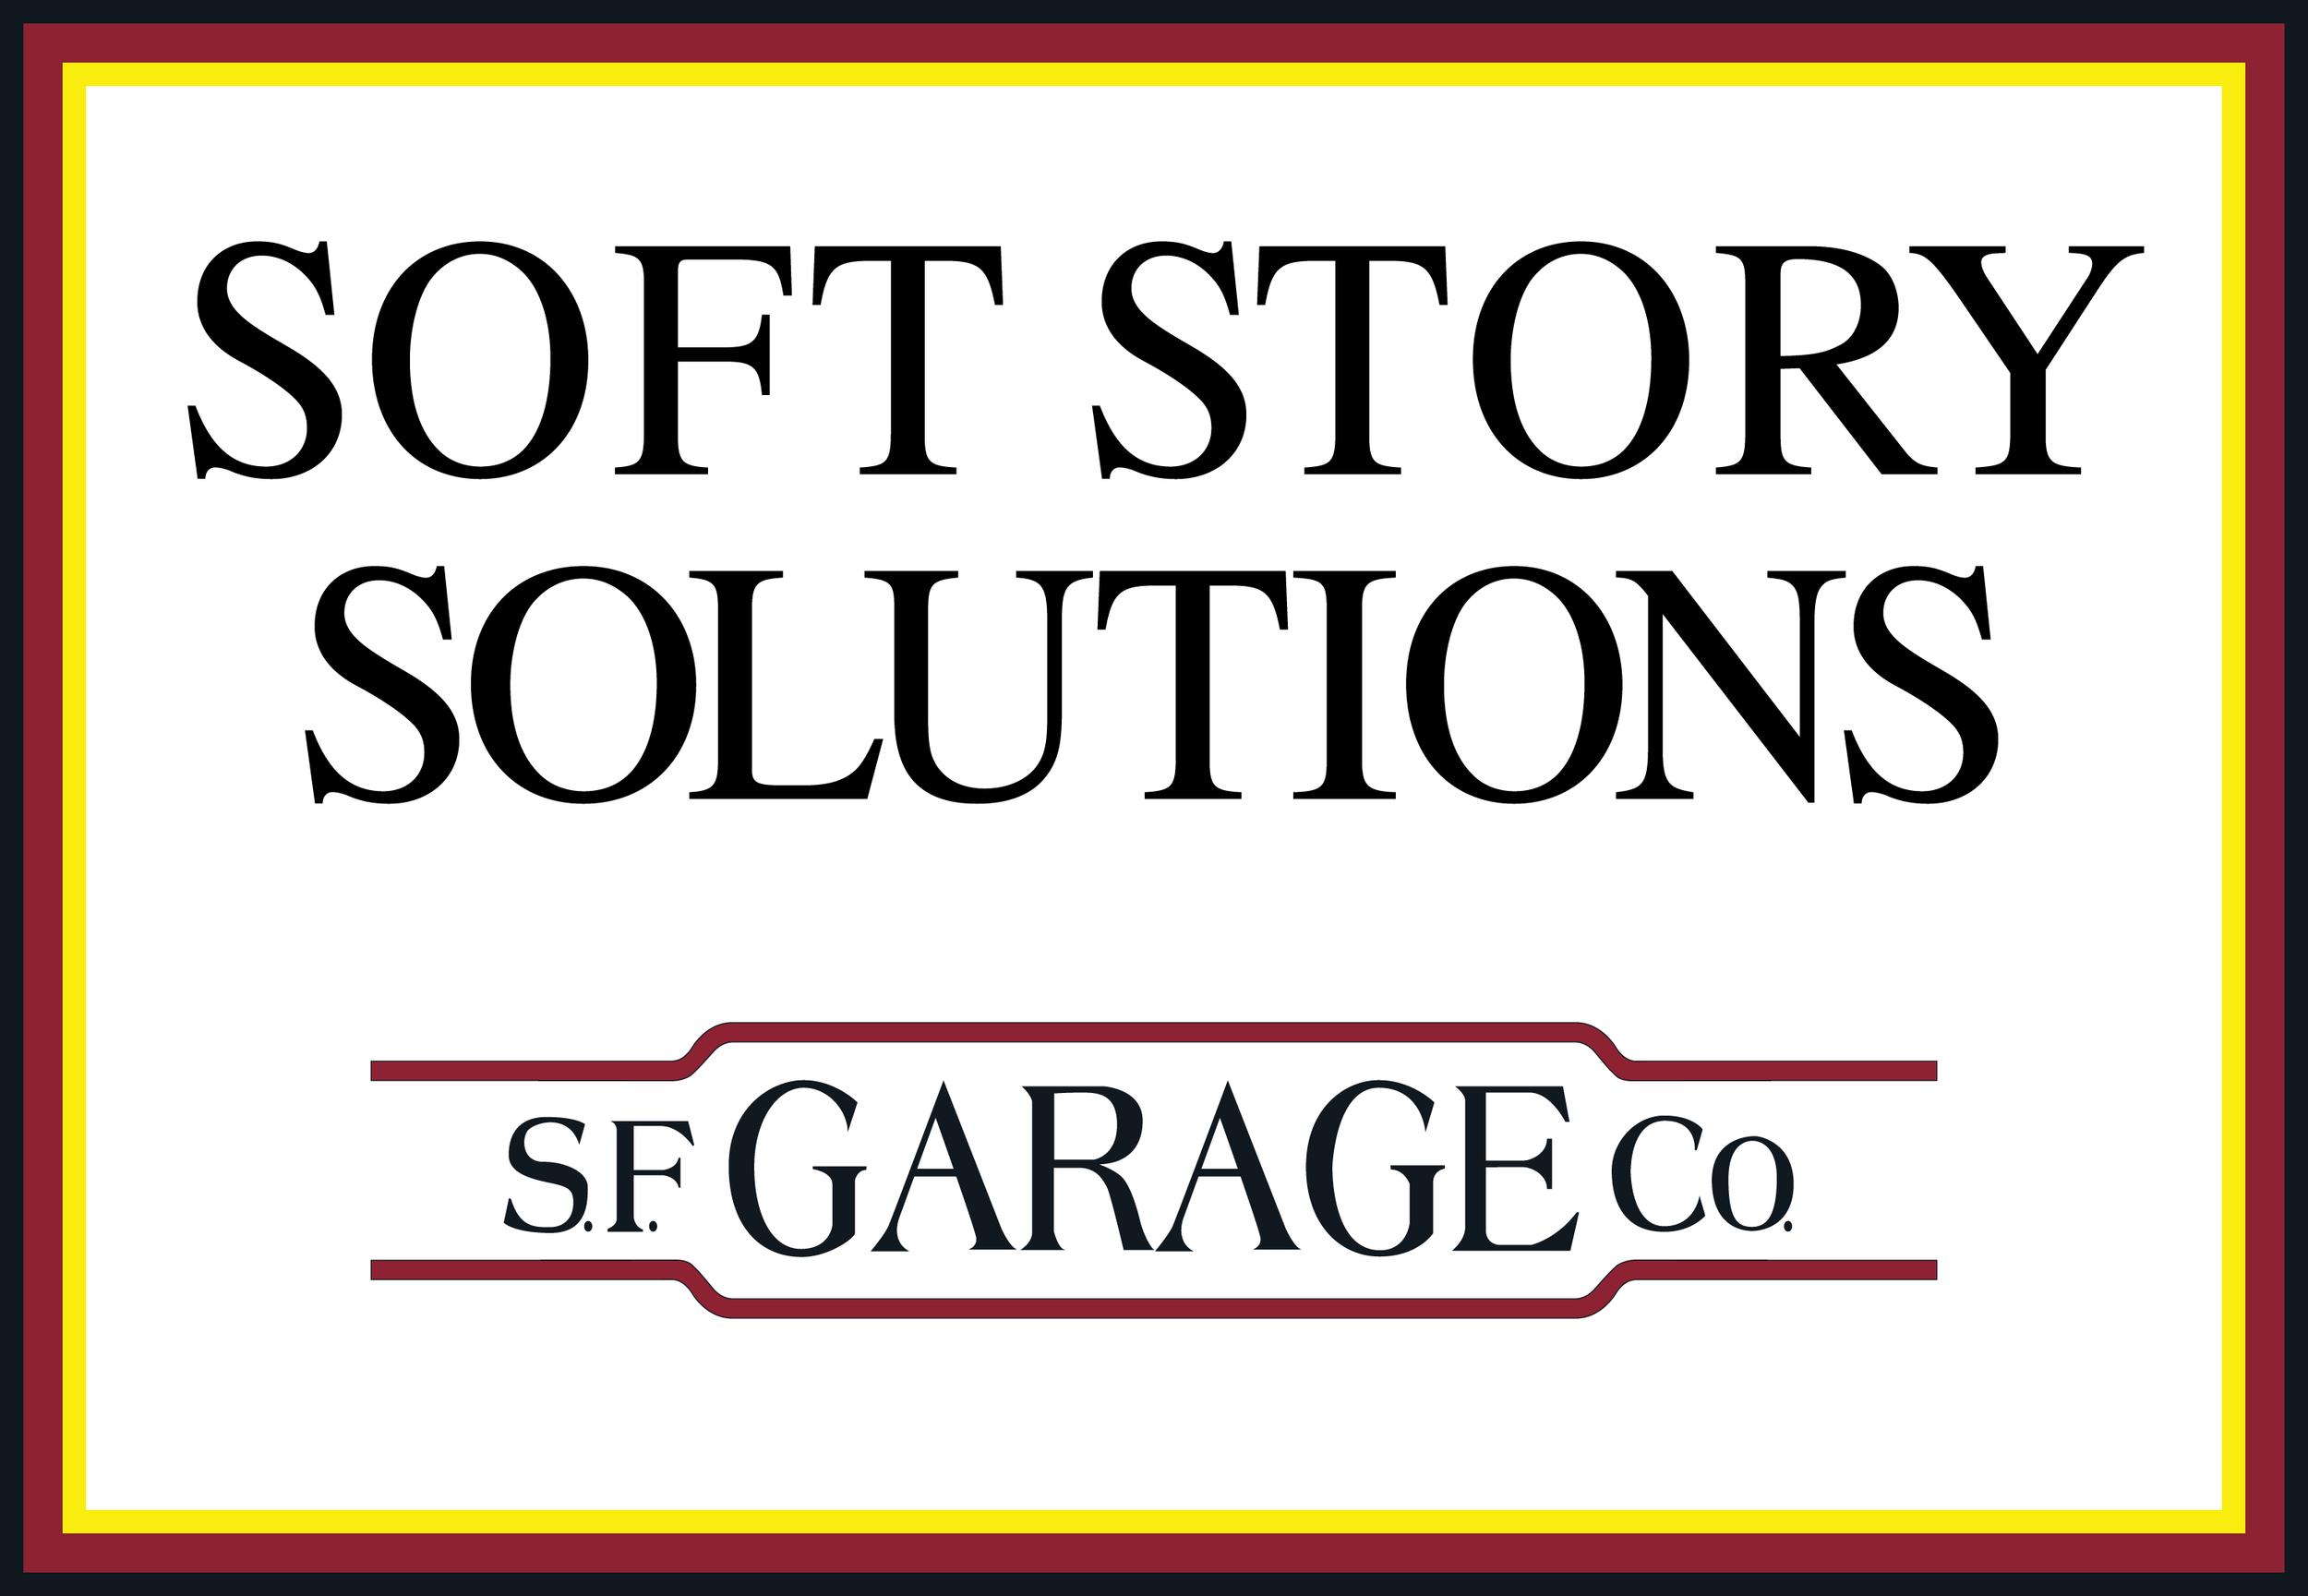 SFGC-softsolutionv1-2.png